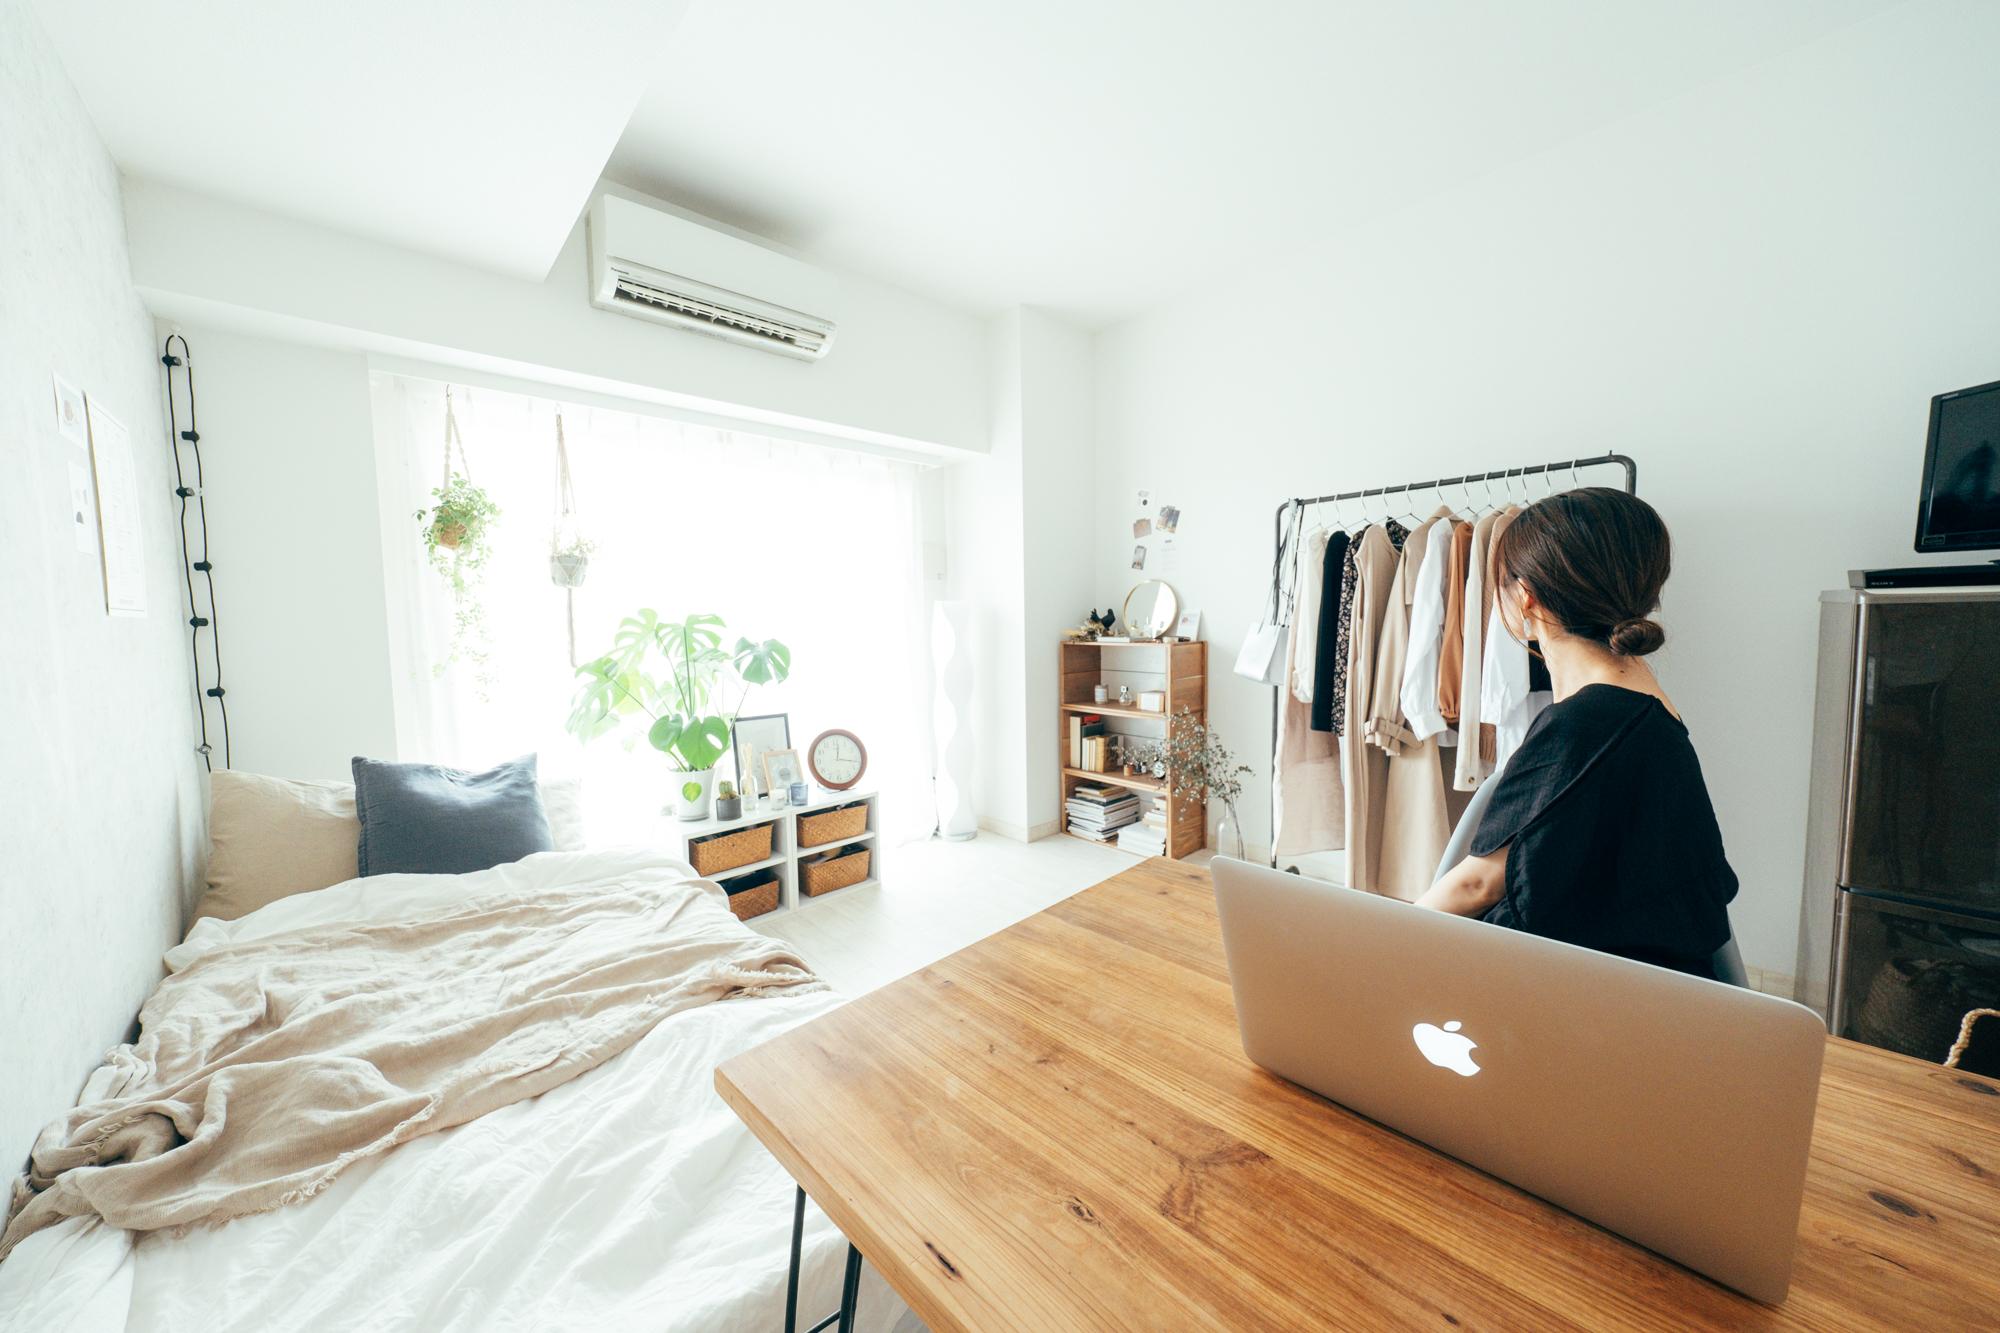 普段から部屋の隅に置いたワークデスクで作業をすることが多い方のお部屋では、窓際に複数のグリーンを配置。手を休めたいとき、視線を動かすとグリーンが目に入ります。ホッと一息つけますね。